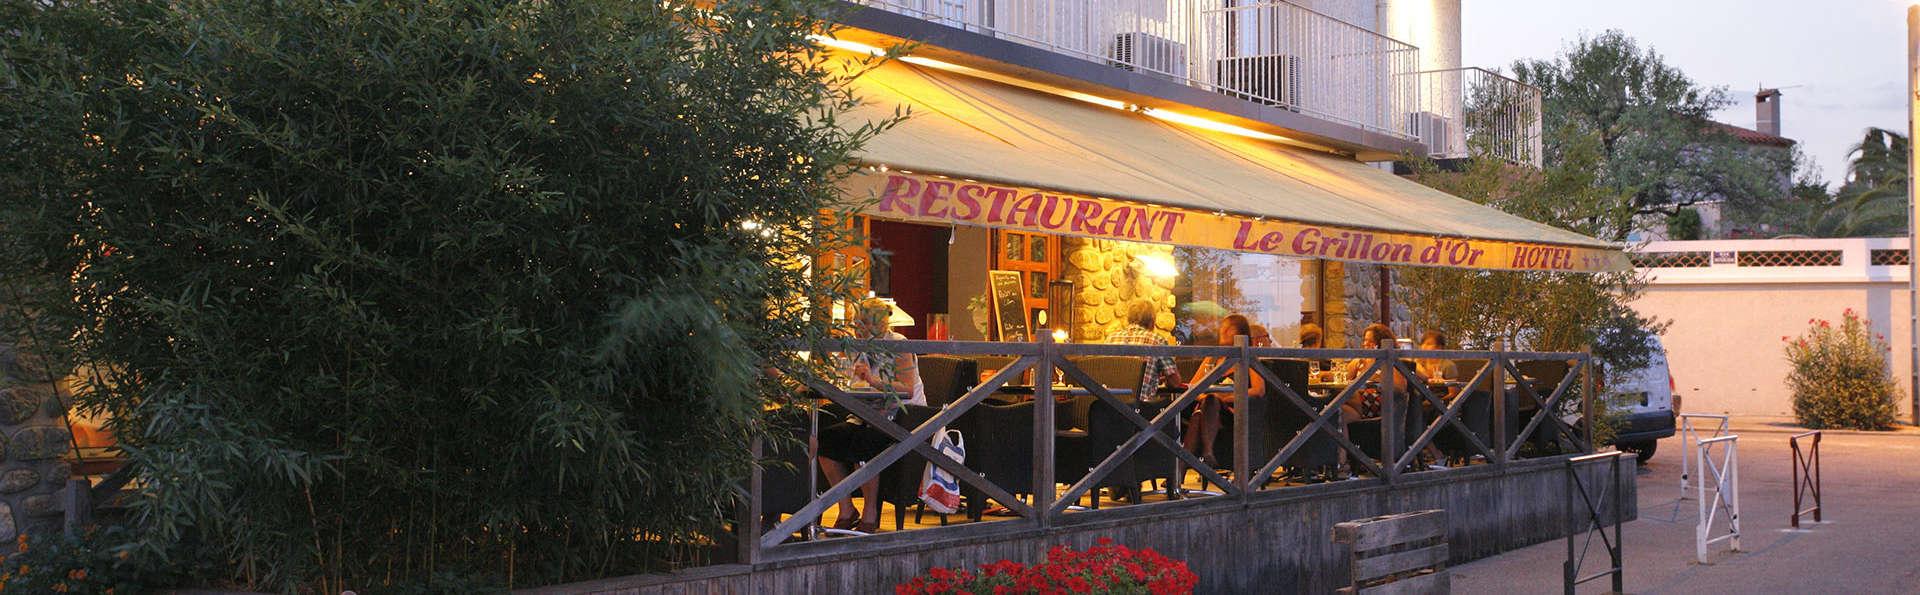 The Originals City, Hôtel Le Grillon d'Or, Perpignan Sud (Inter-Hotel) - Edit_Front.jpg